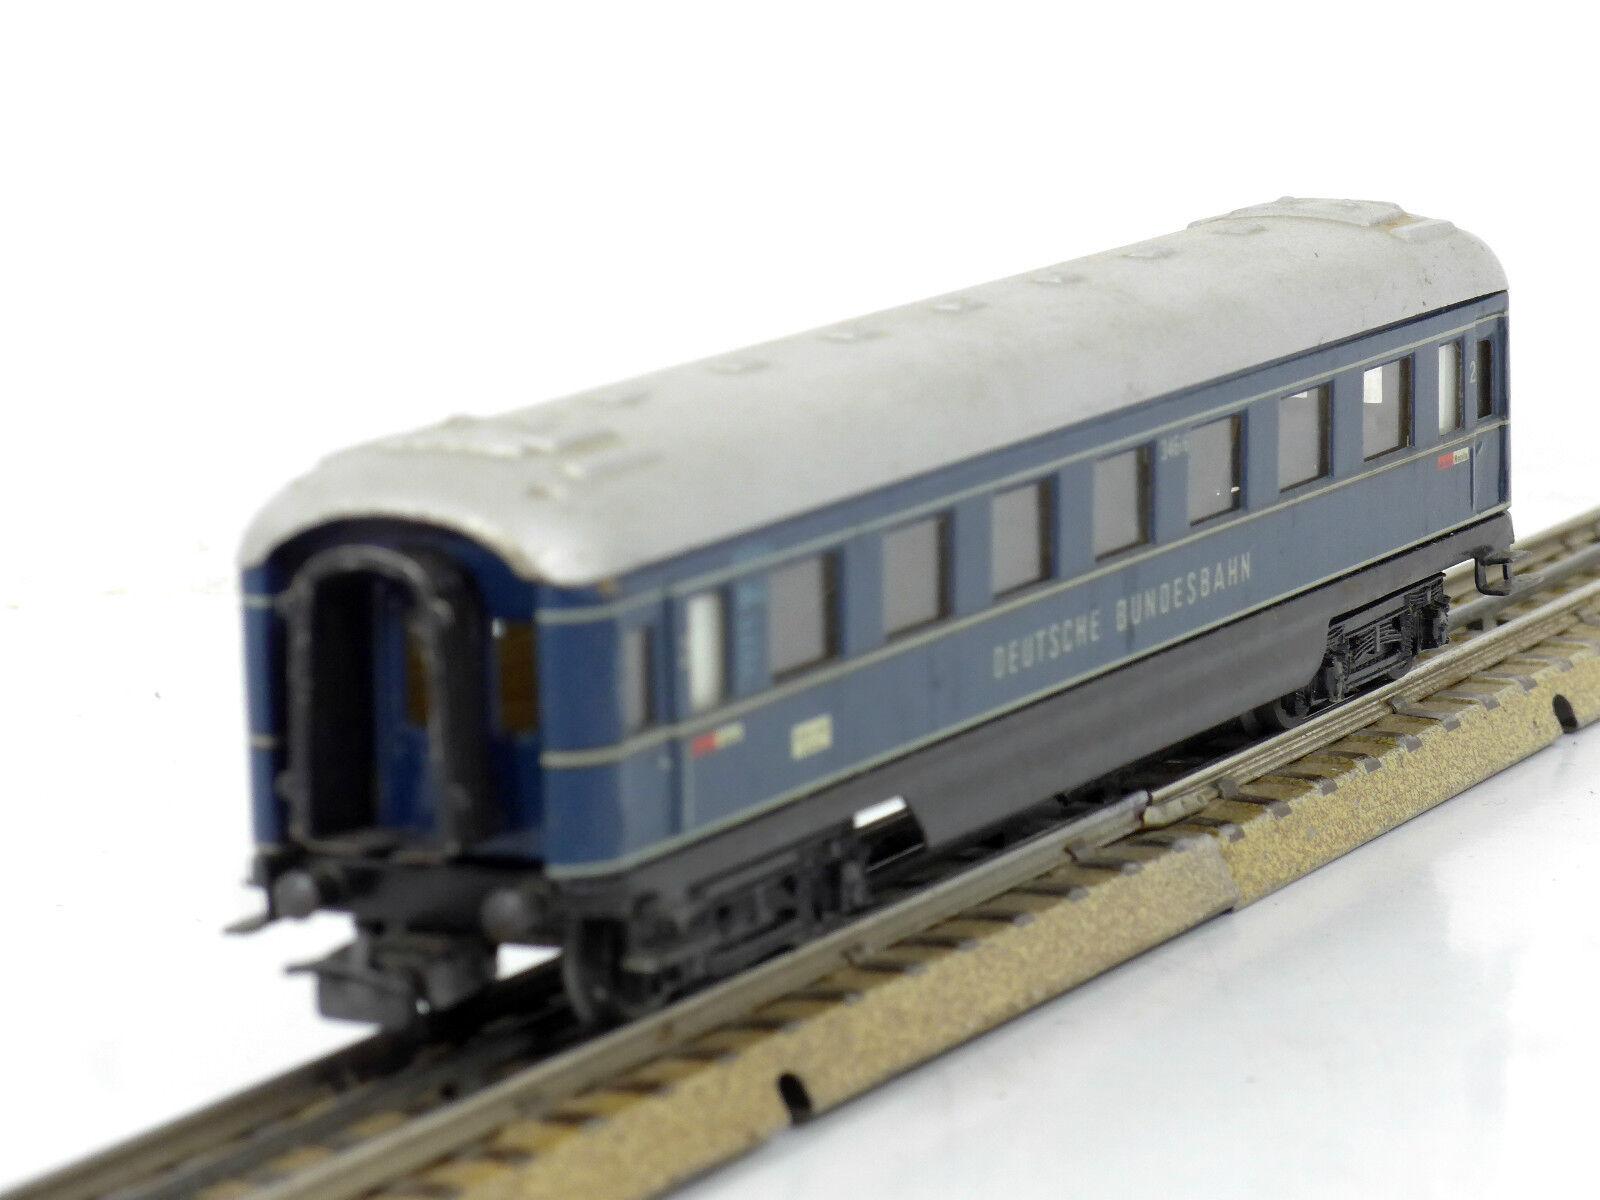 Märklin h0 00 FD-zugwagen 346 6 4014 Deutsche Bundesbahn 2. vers. 1954 800